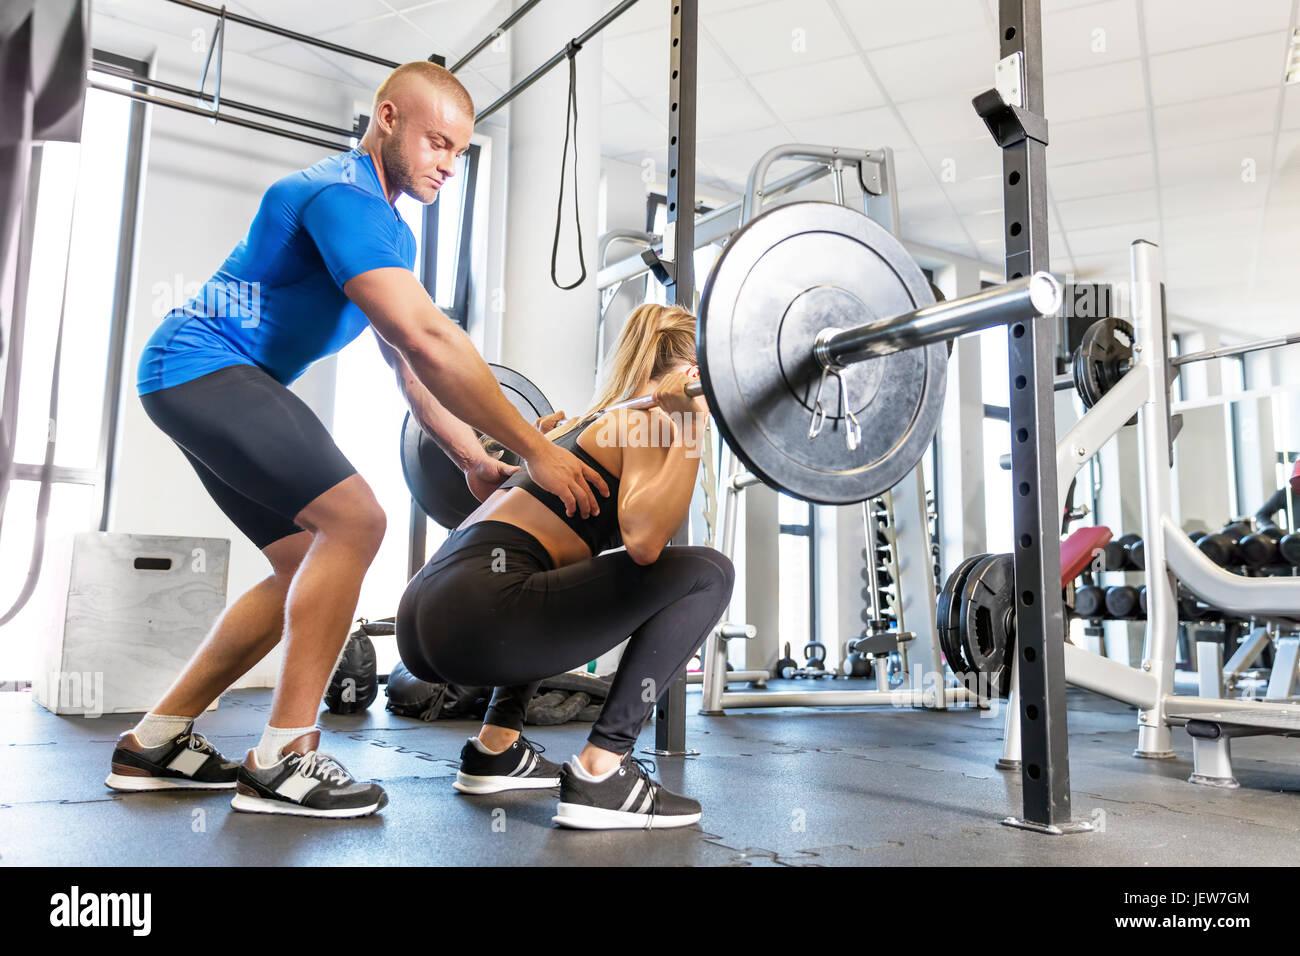 Personal trainer lavora con un client presso la palestra. Sollevamento pesi assistenza di allenamento e di motivazione. Immagini Stock